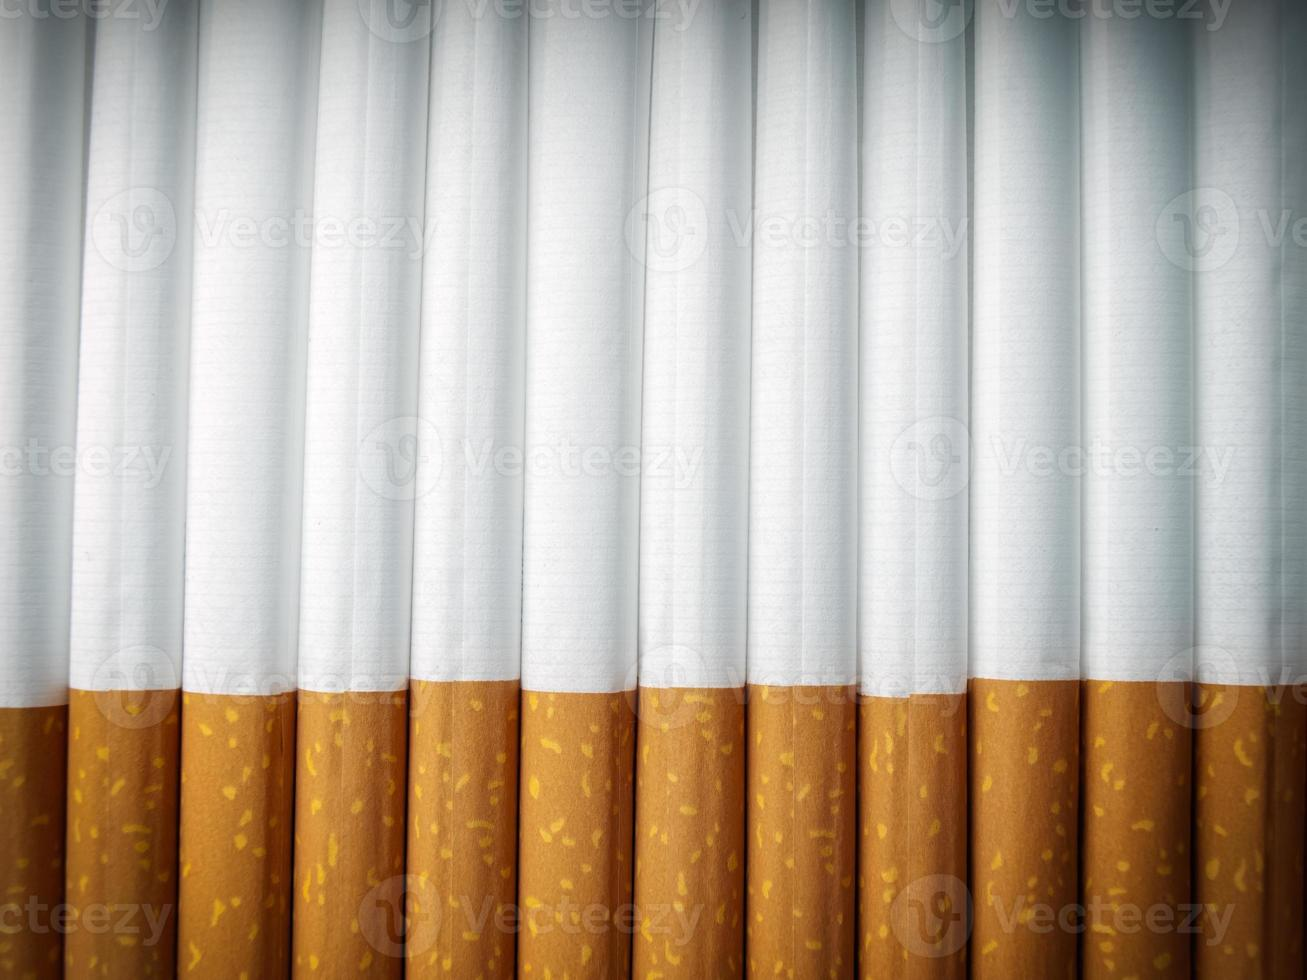 cigaretter foto